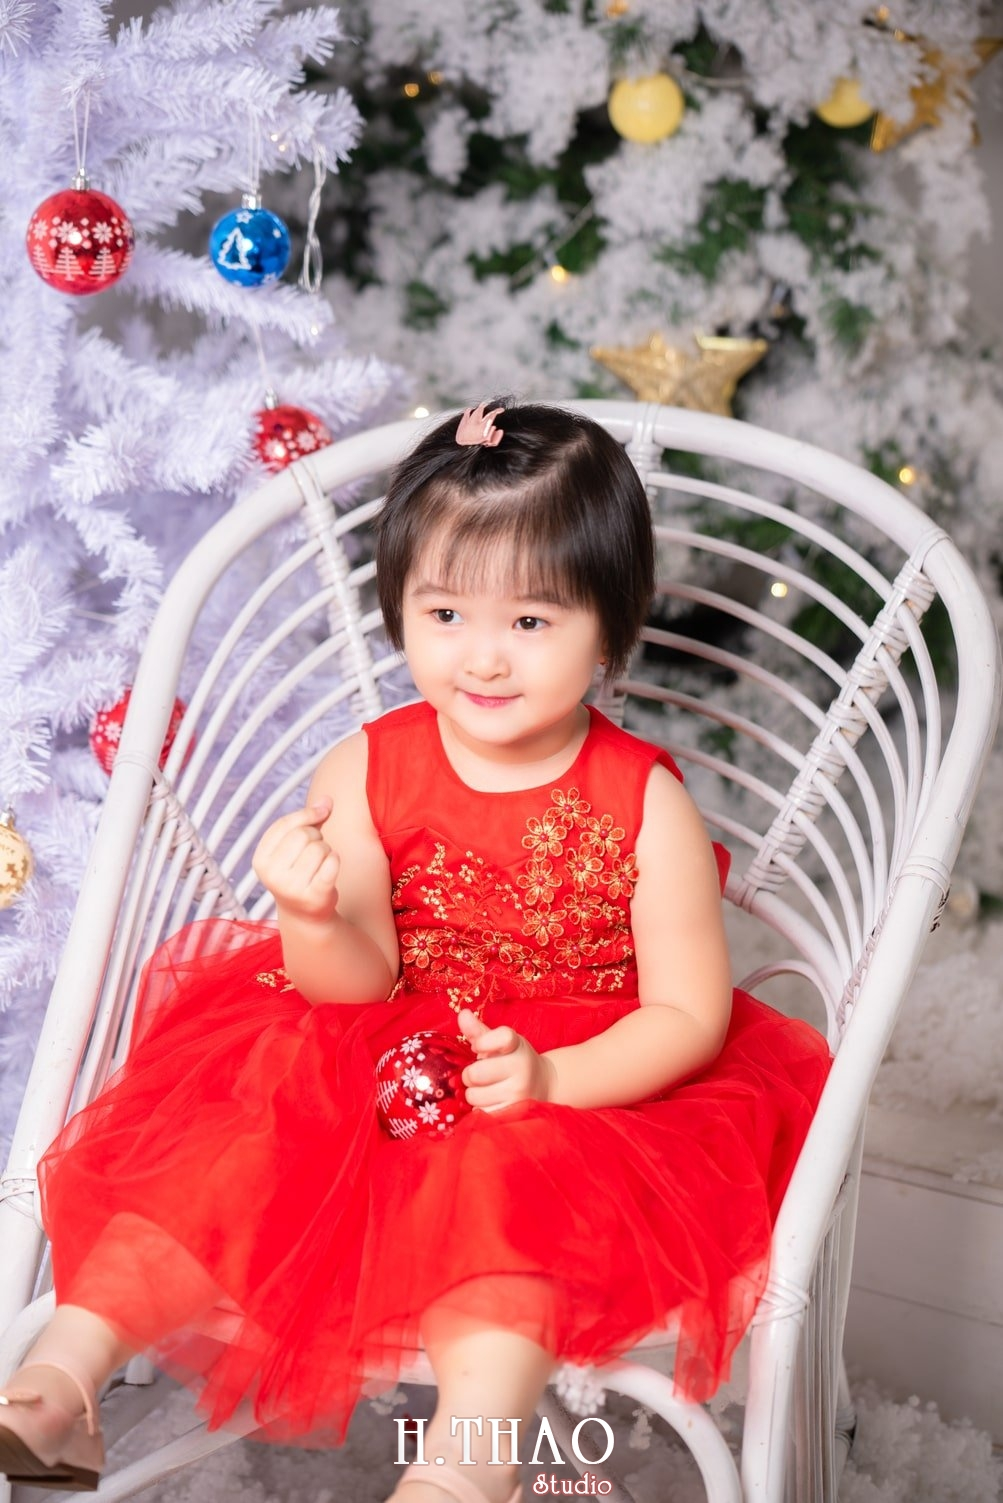 Anh be noel 19 - Album ảnh noel chụp cho con gái cưng chị Linh - HThao Studio